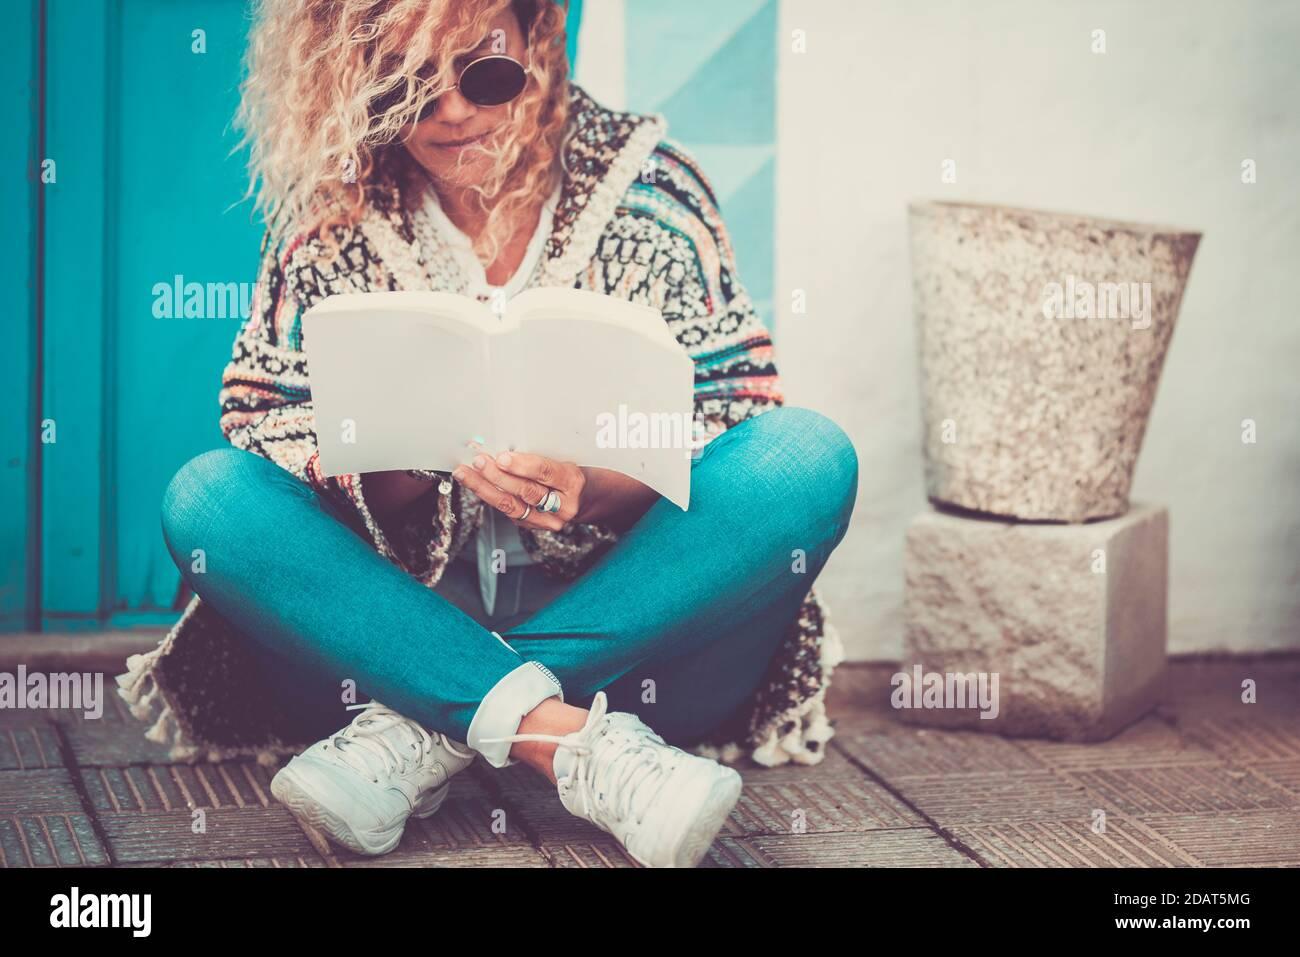 Magnifique portrait de femme assis sur le sol à l'extérieur lire un livre papier ou étudier à l'extérieur de la maison - jeune les adultes lisent et apprennent à profiter du Banque D'Images